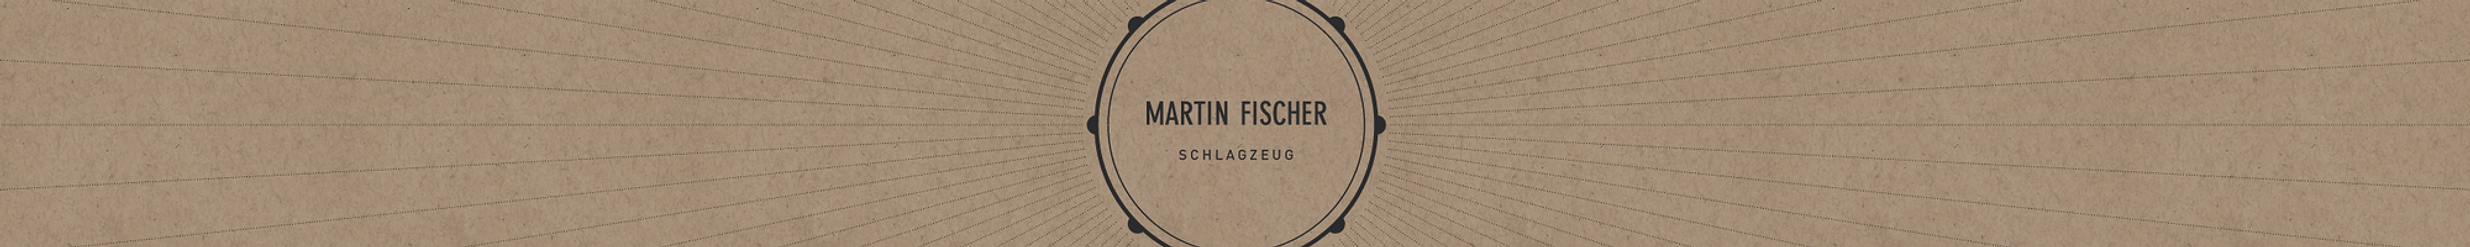 Martin Fischer Schlagzeug Logo